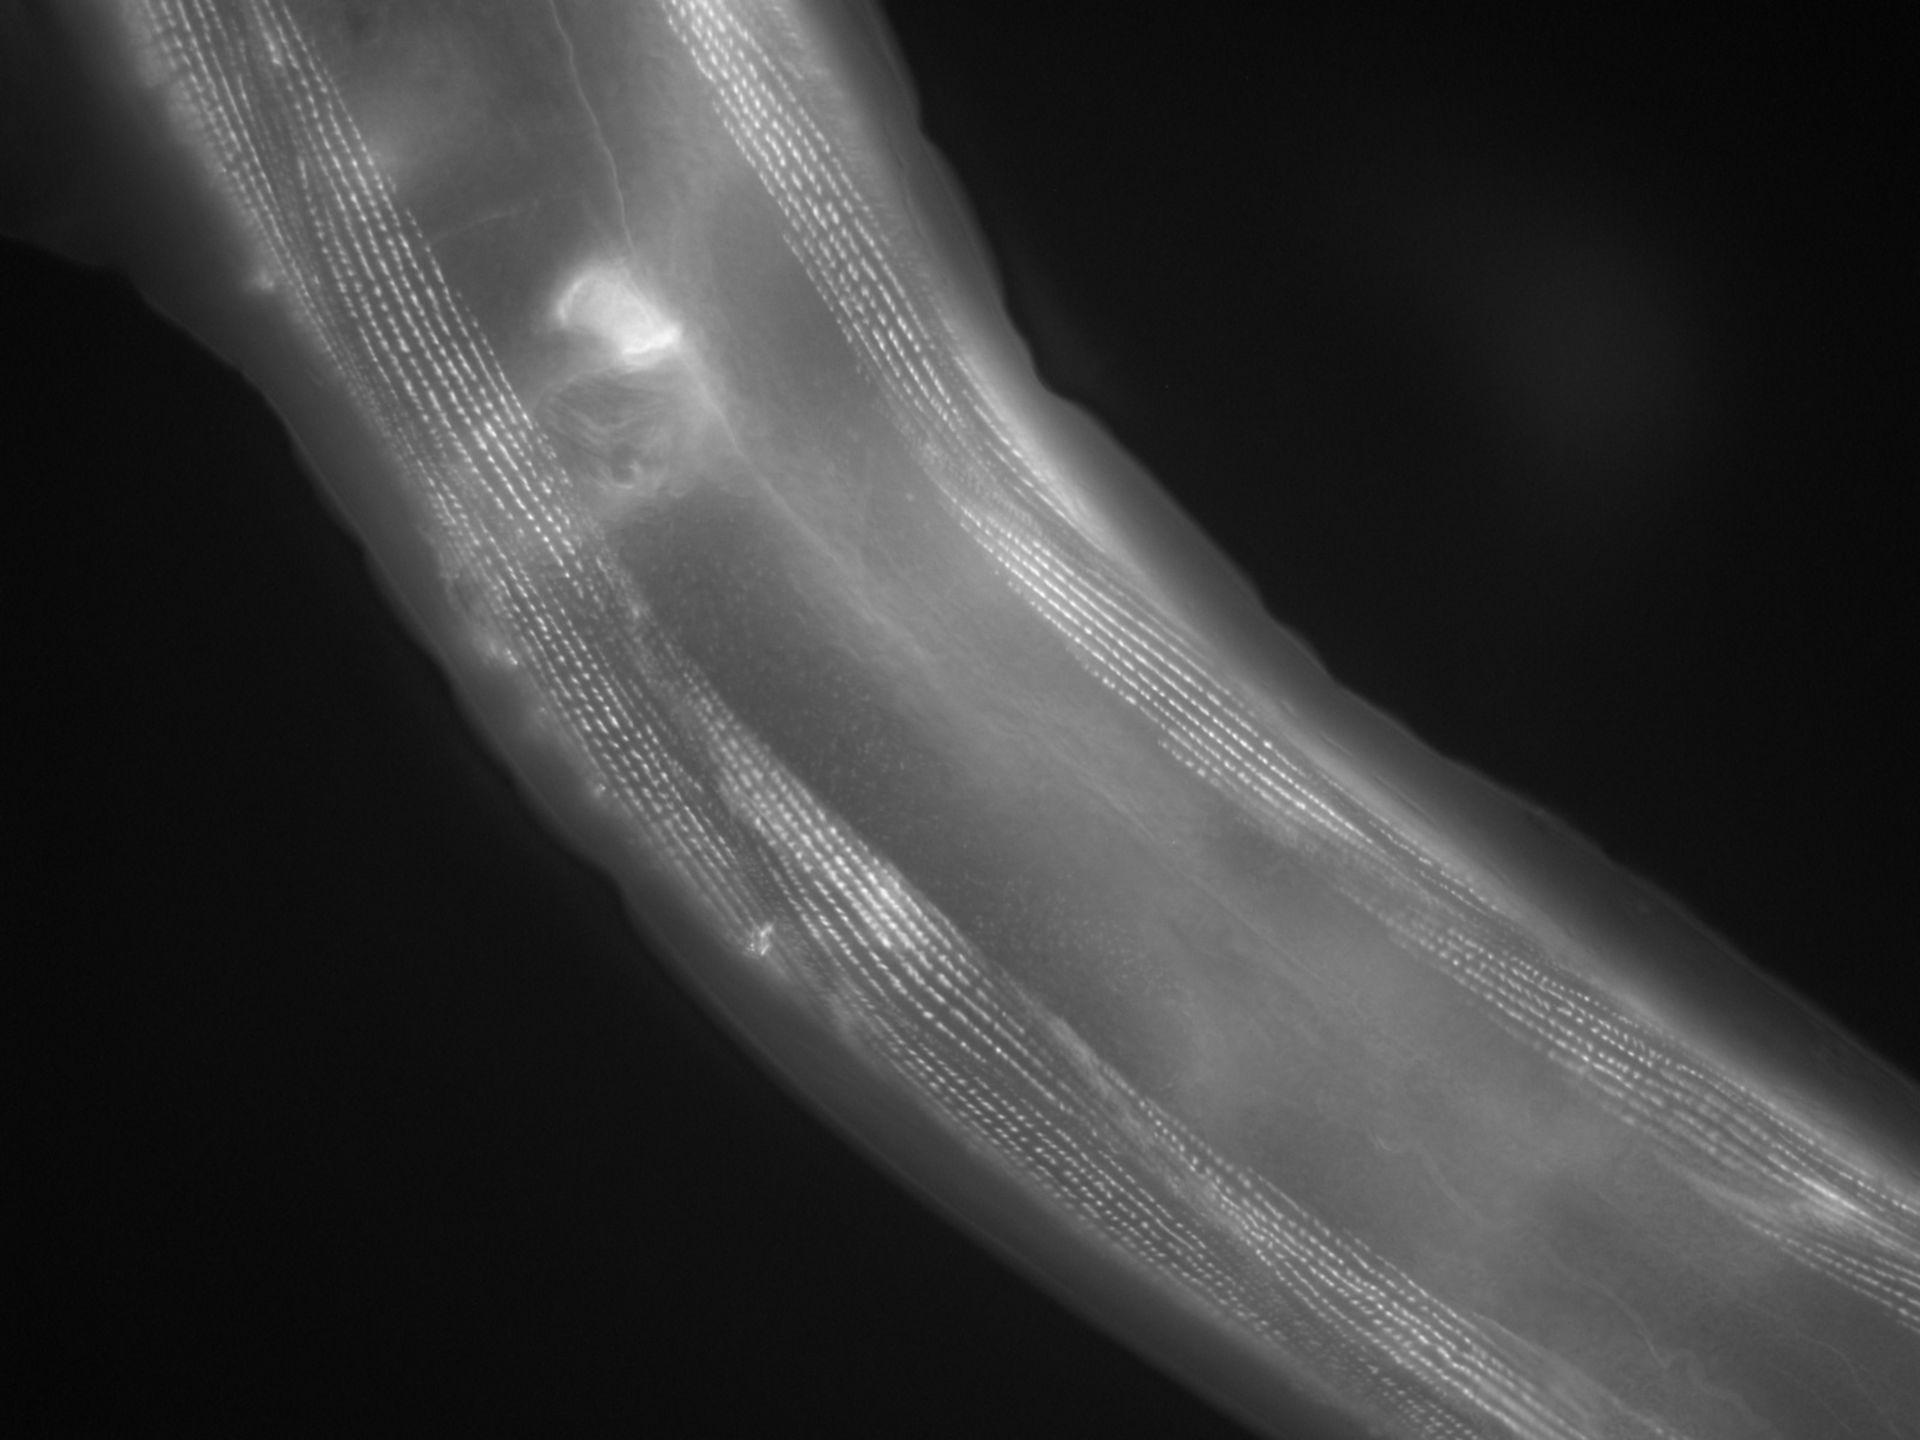 Caenorhabditis elegans (Actin filament) - CIL:1152